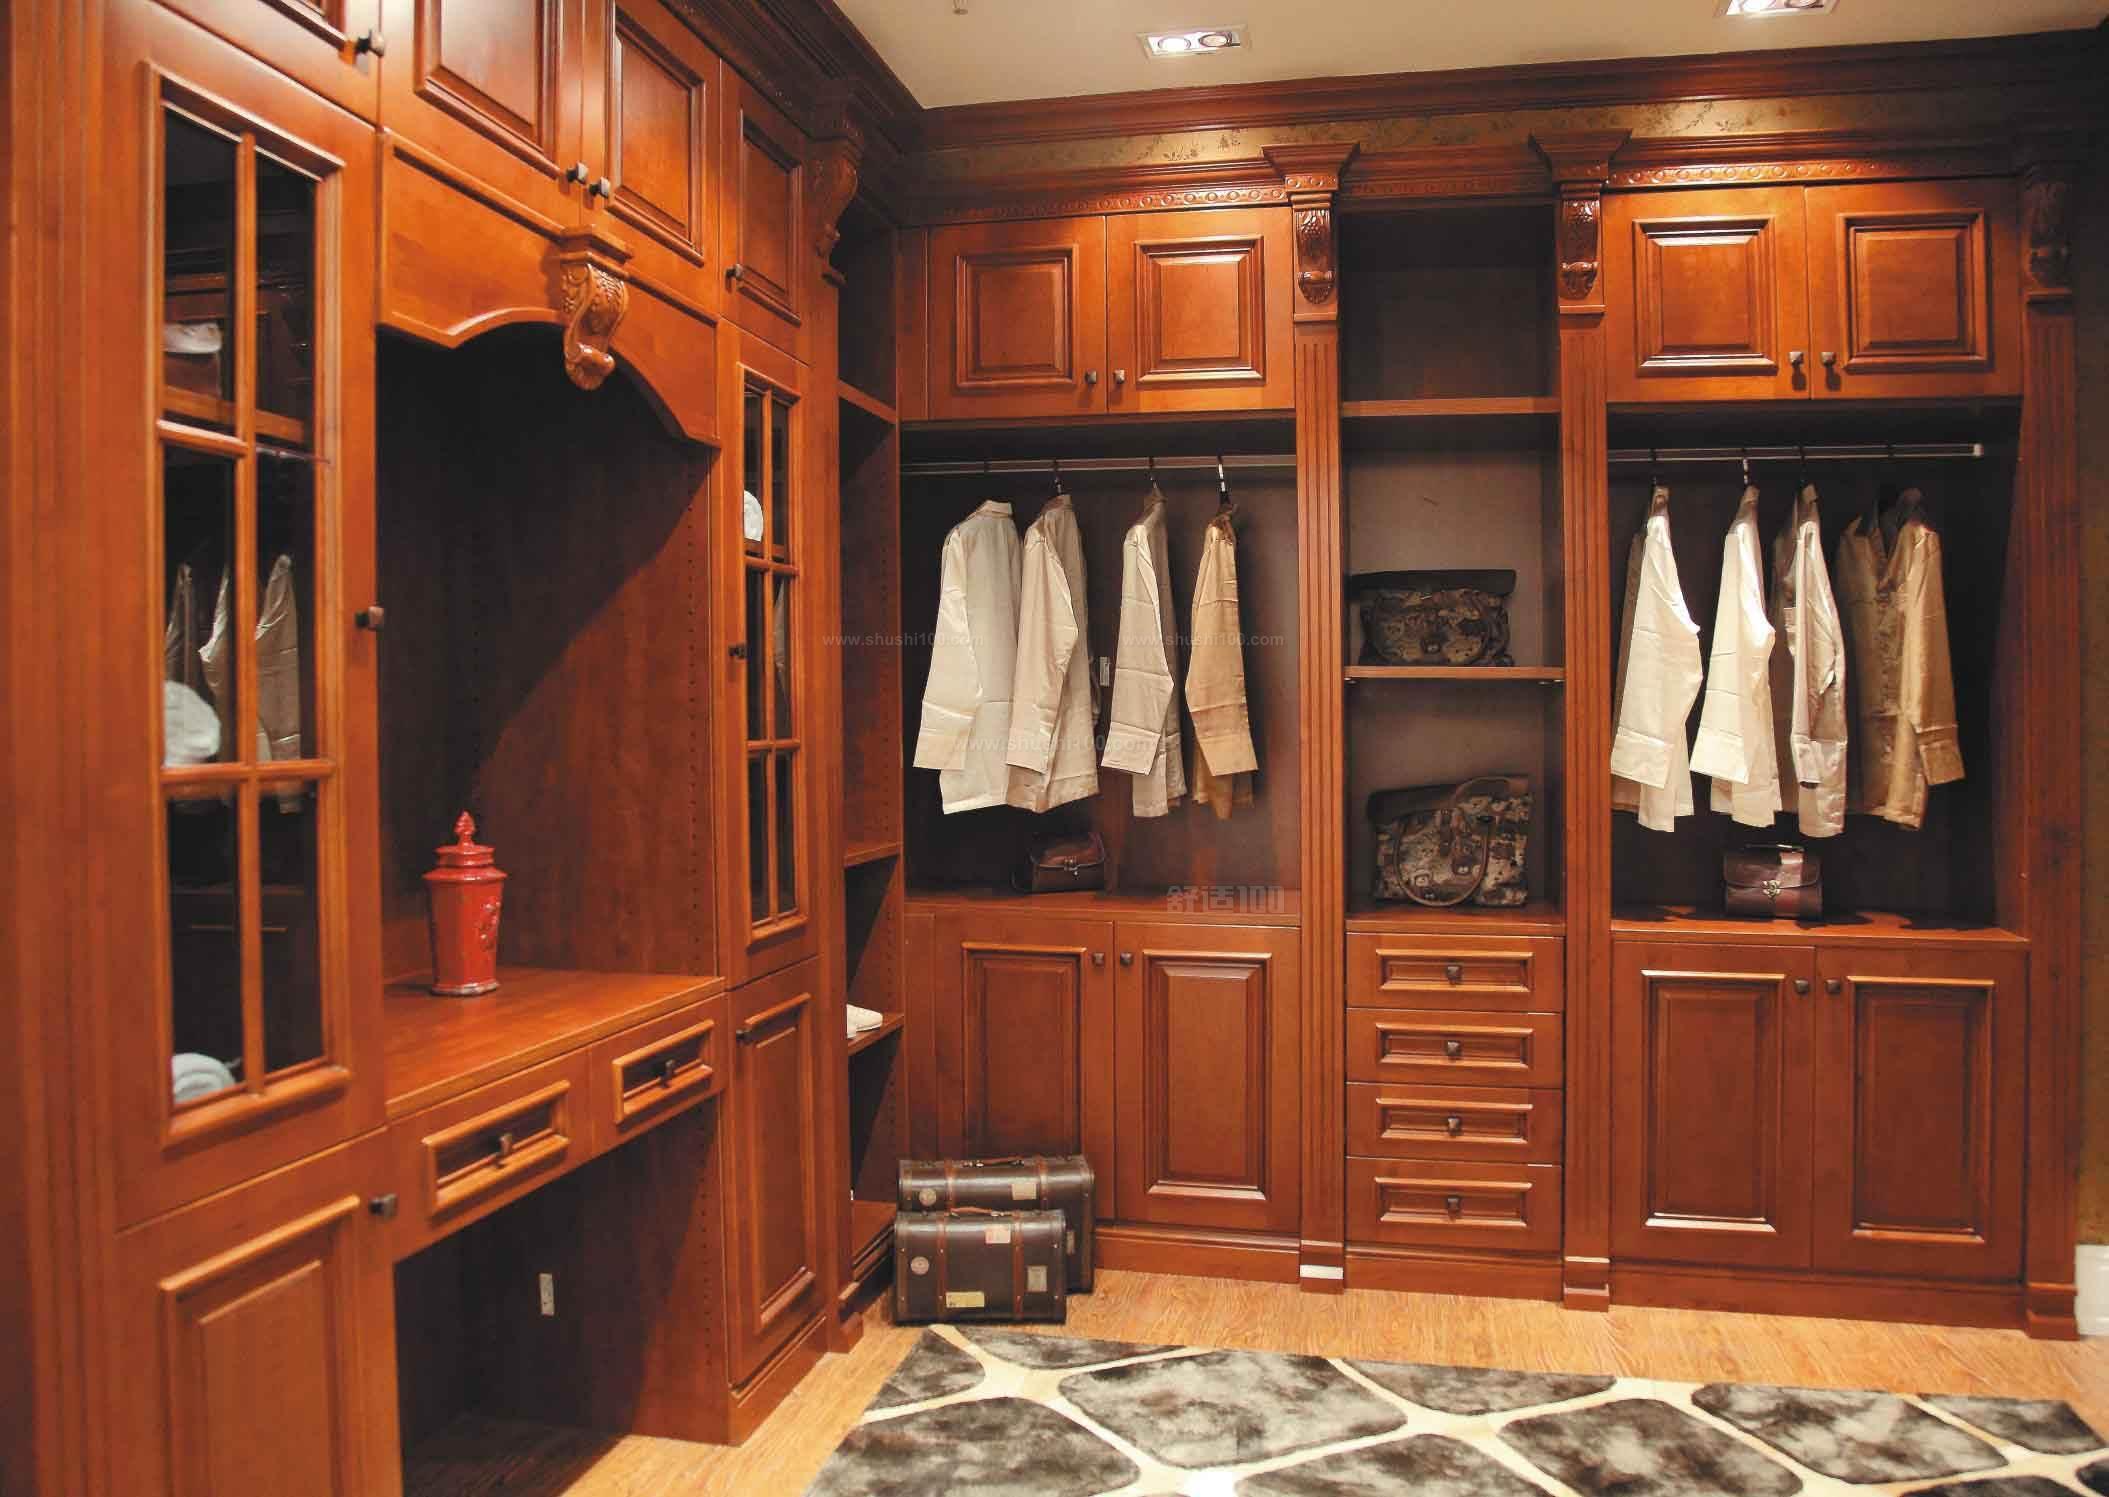 整体衣柜安装—整体衣柜安装的方法技巧介绍